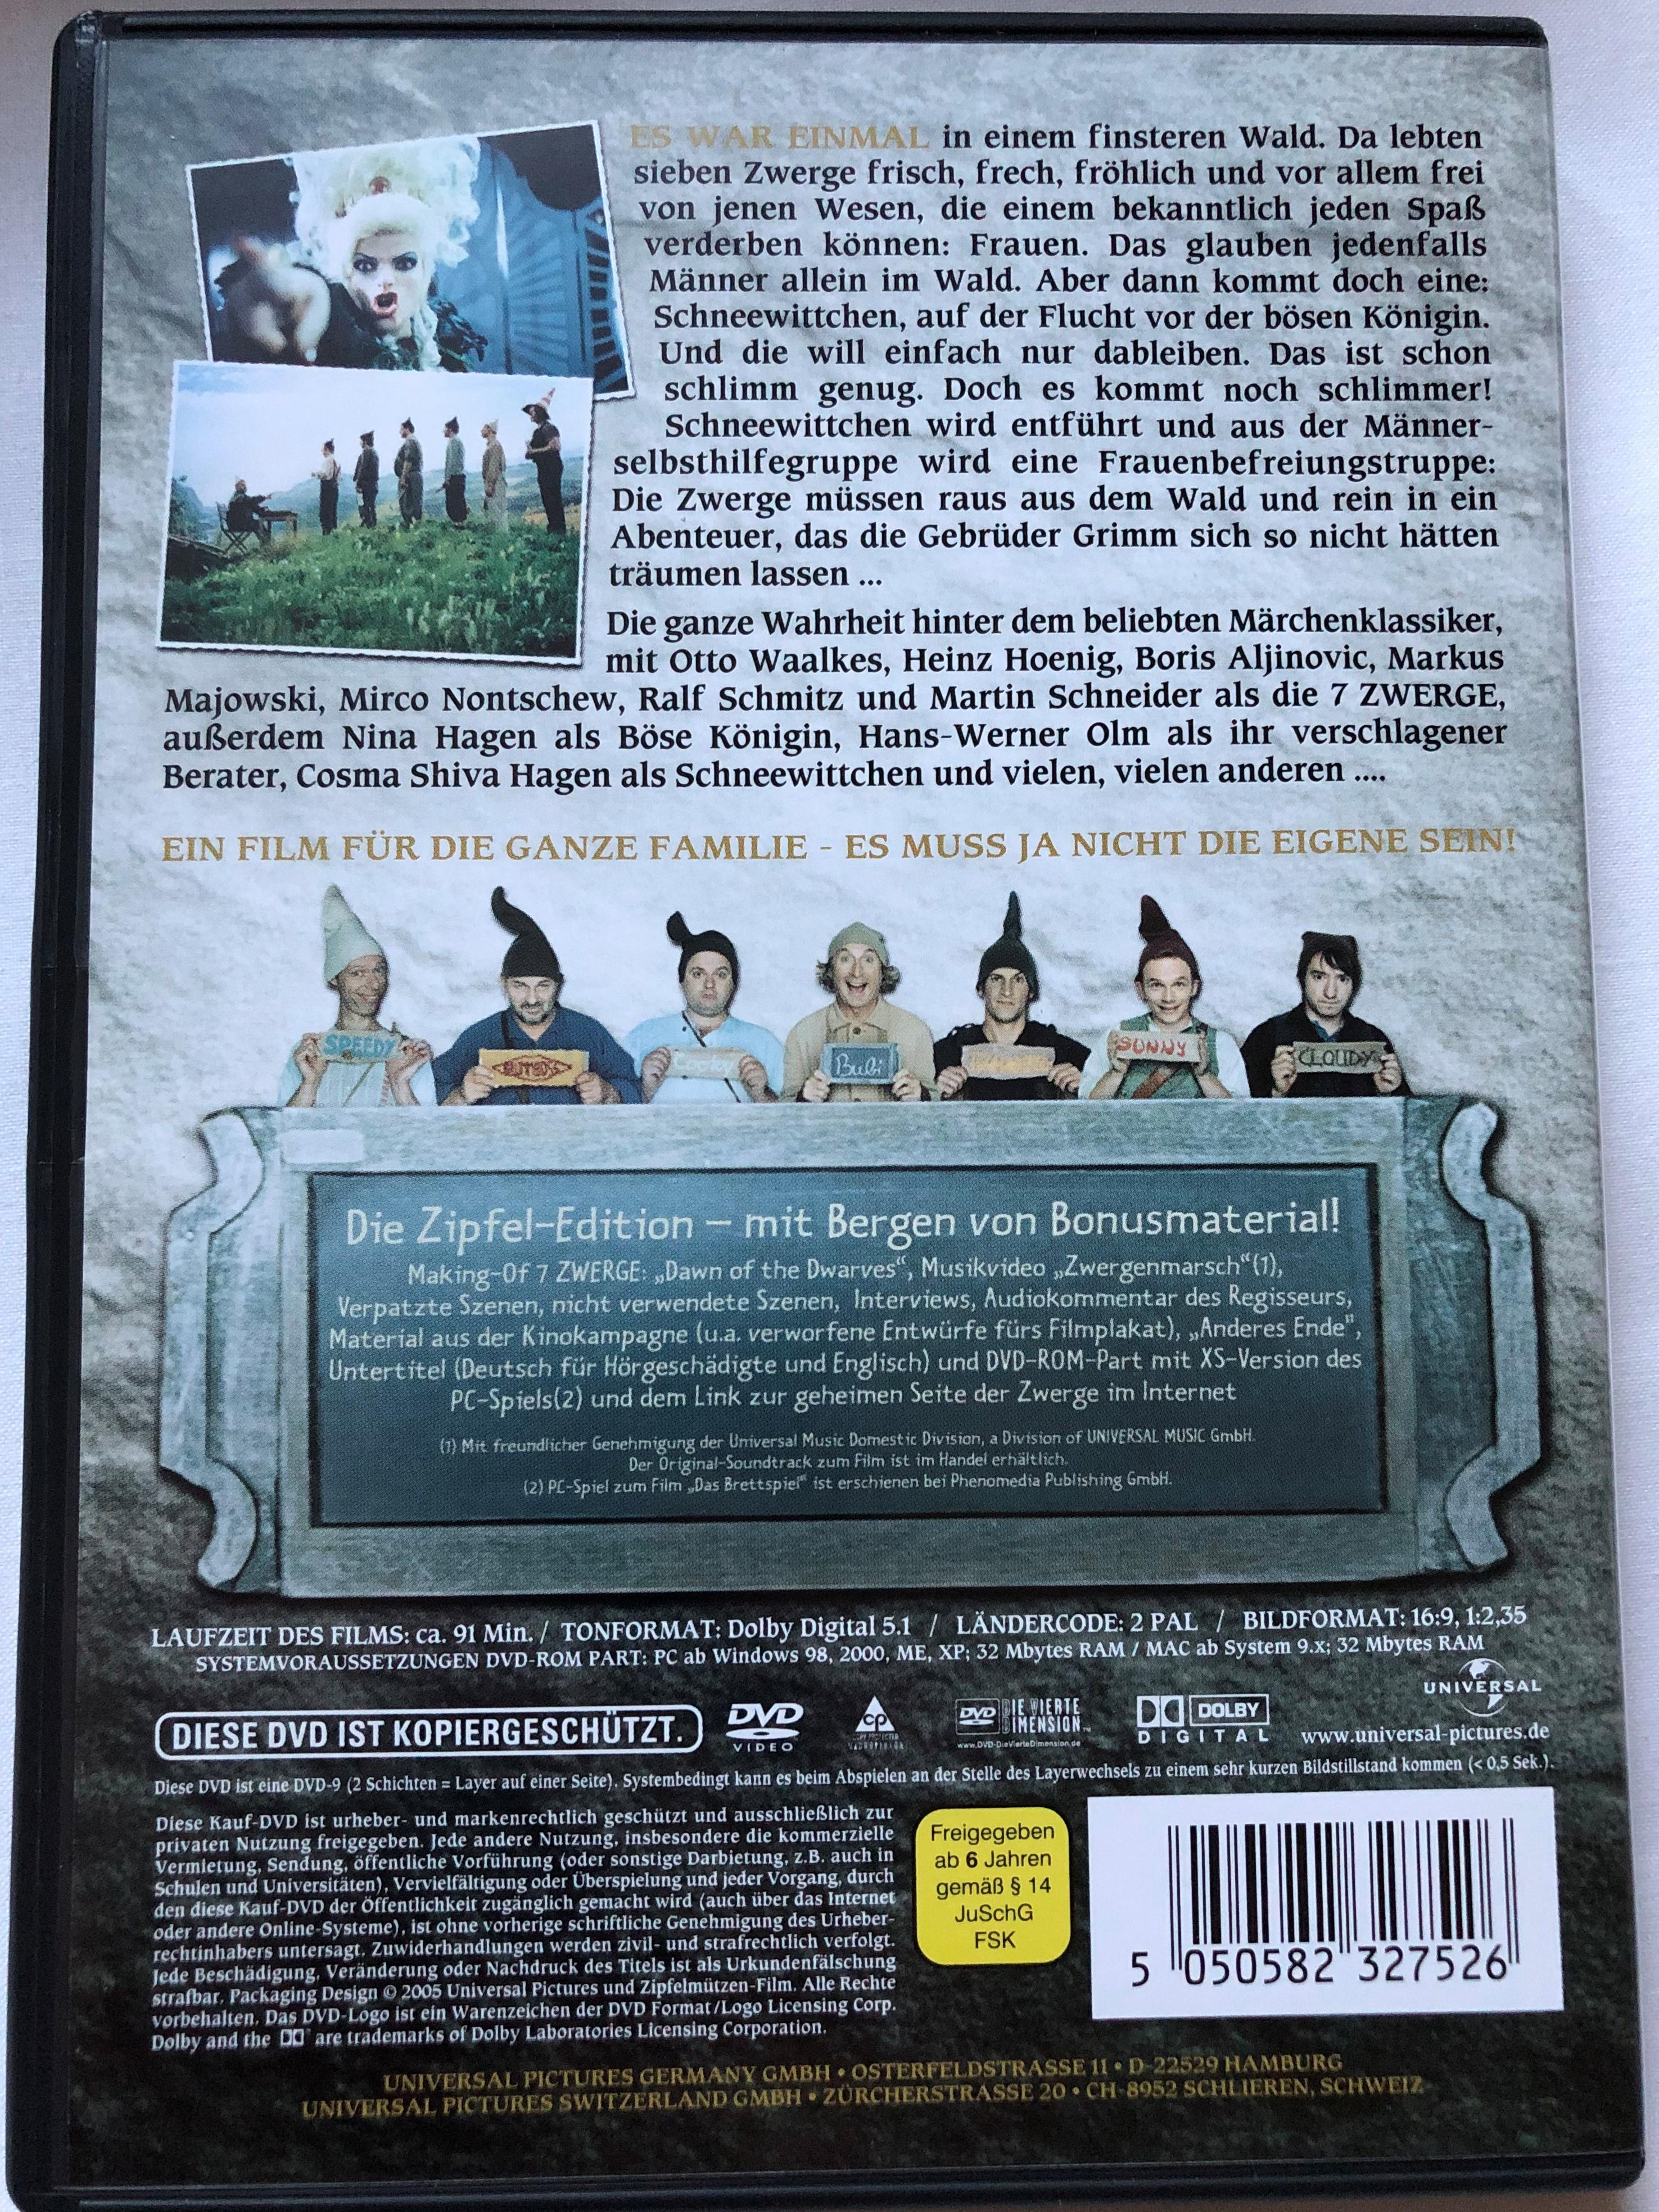 7-zwerge-m-nner-allein-im-wald-dvd-2004-7-dwarves-men-alone-in-the-wood-directed-by-sven-unterwaldt-jr.-starring-otto-waalkes-heinz-hoenig-mirco-nontschew-boris-aljinovic-die-zipfel-edition-2-dvd-3-.jpg